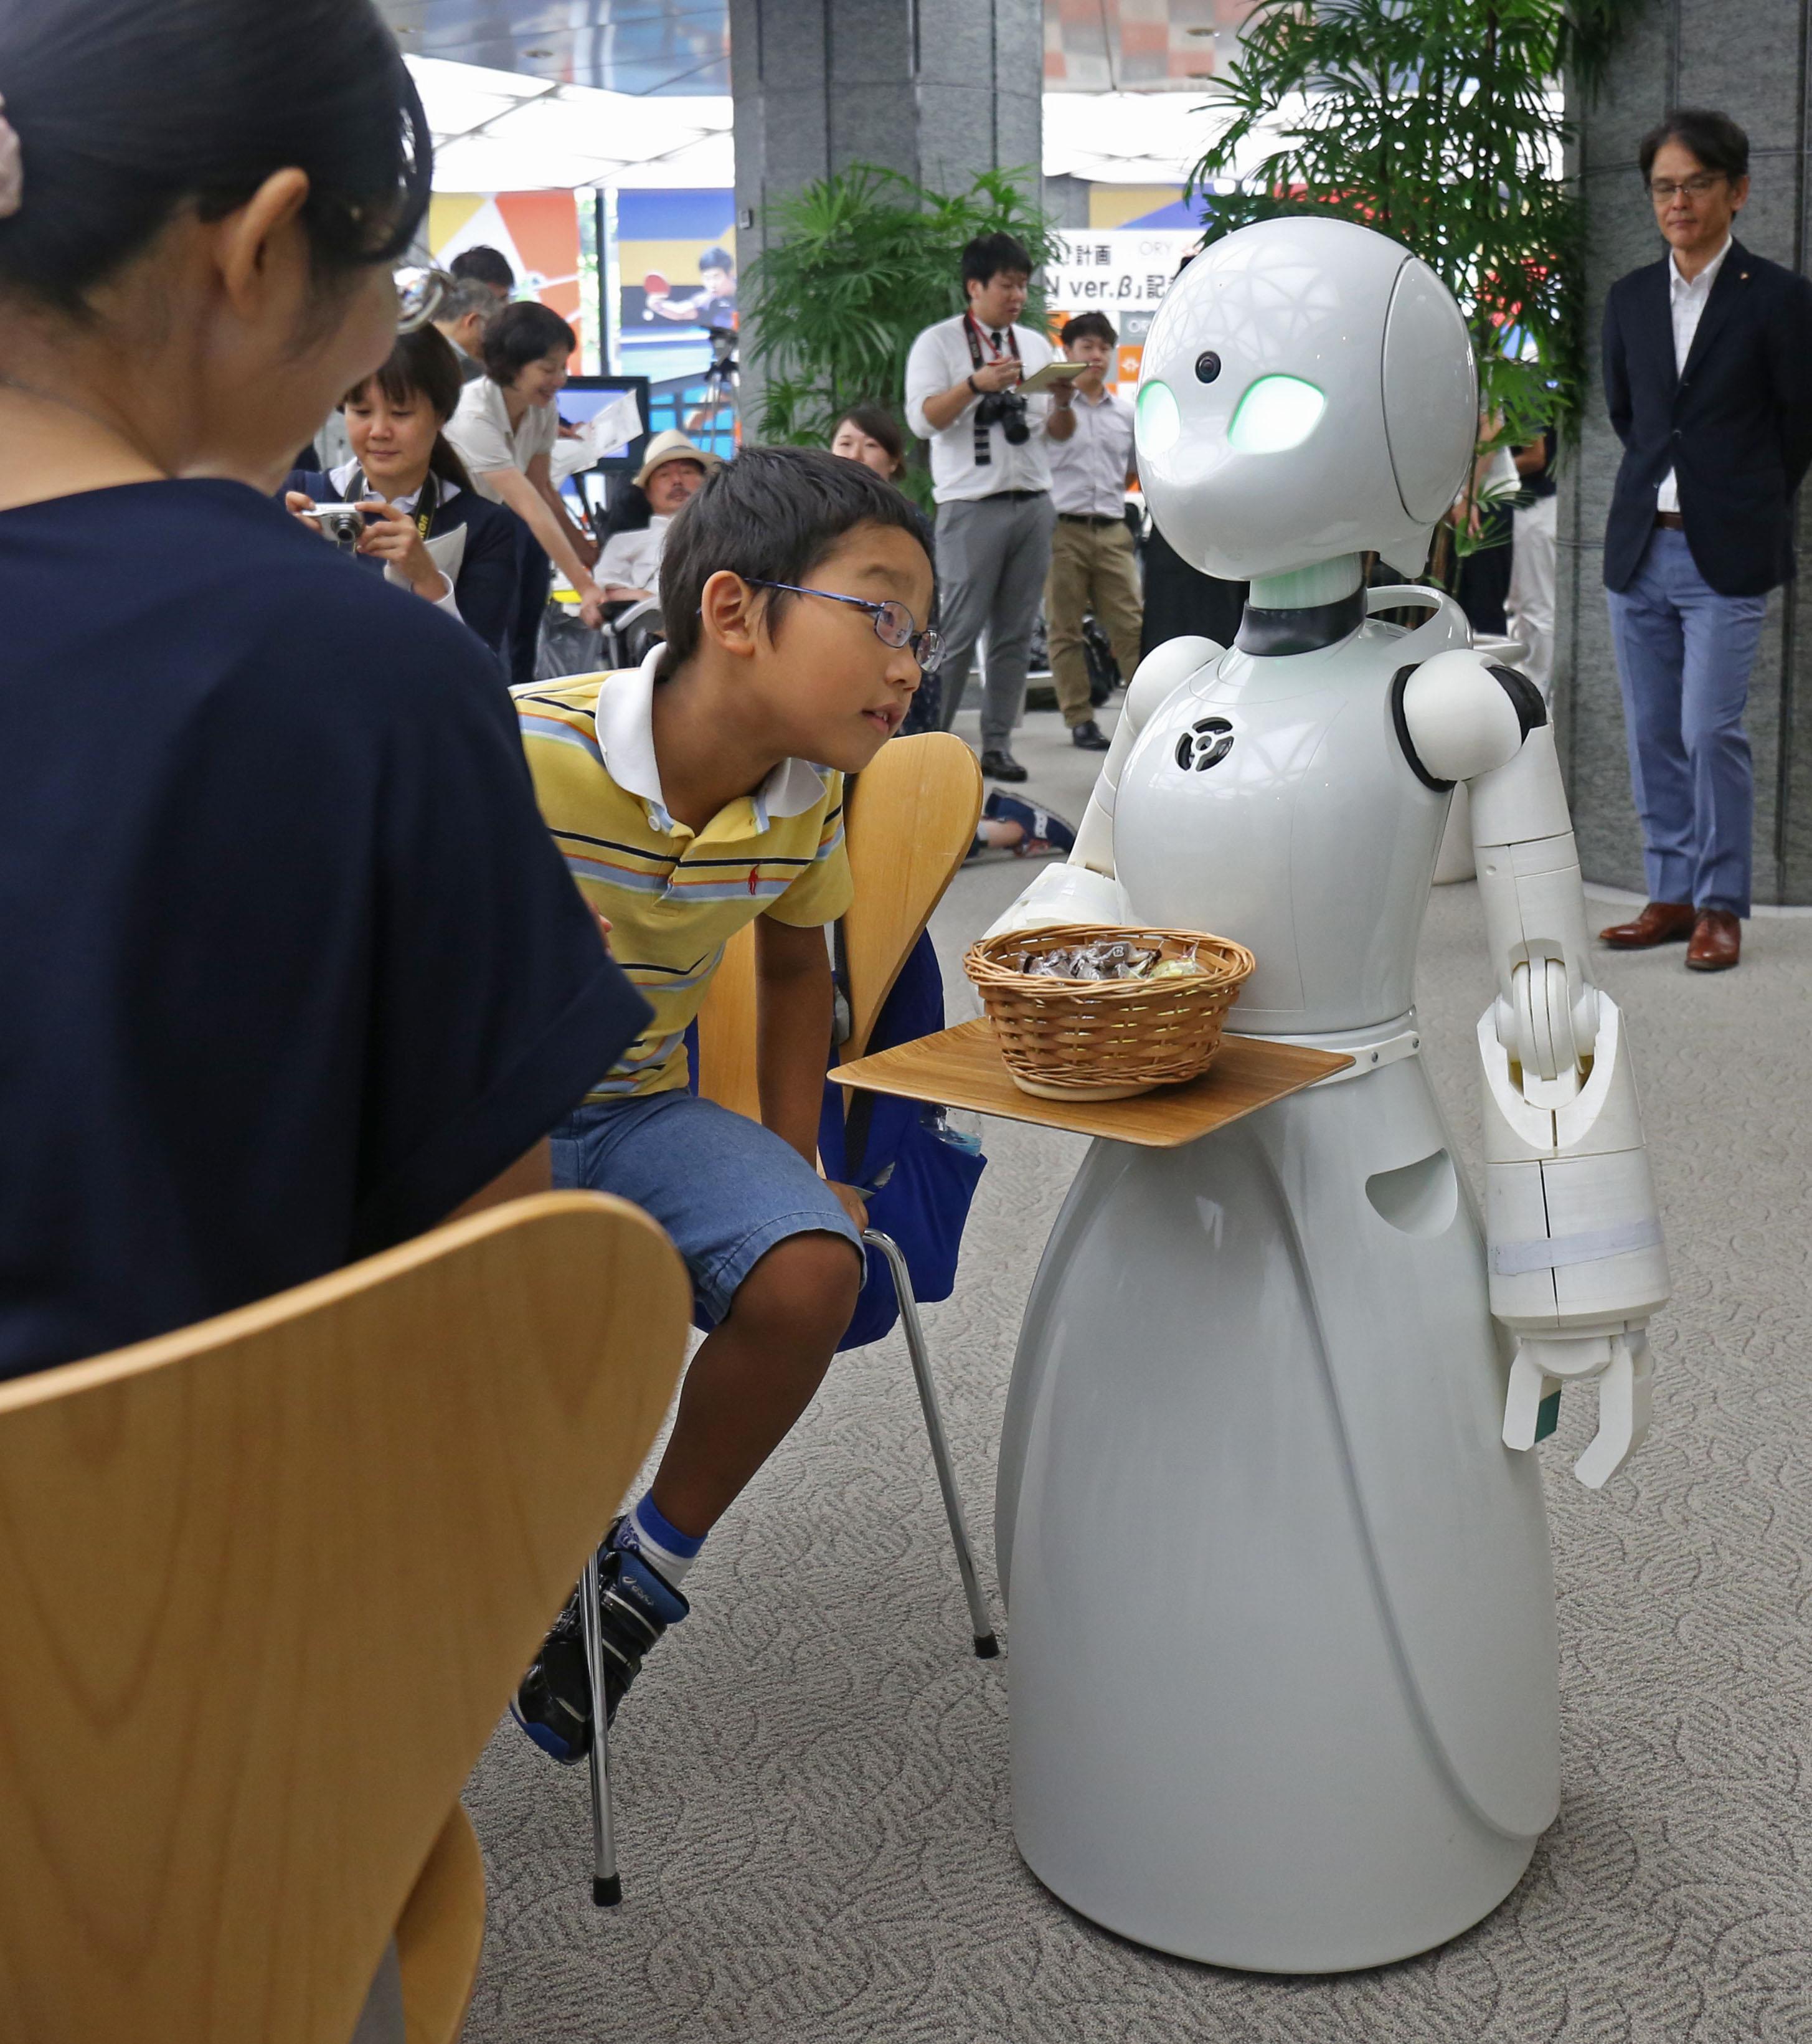 Mozgássérültek által vezérelt robotpincérek szolgálnak fel egy új tokiói kávézóban